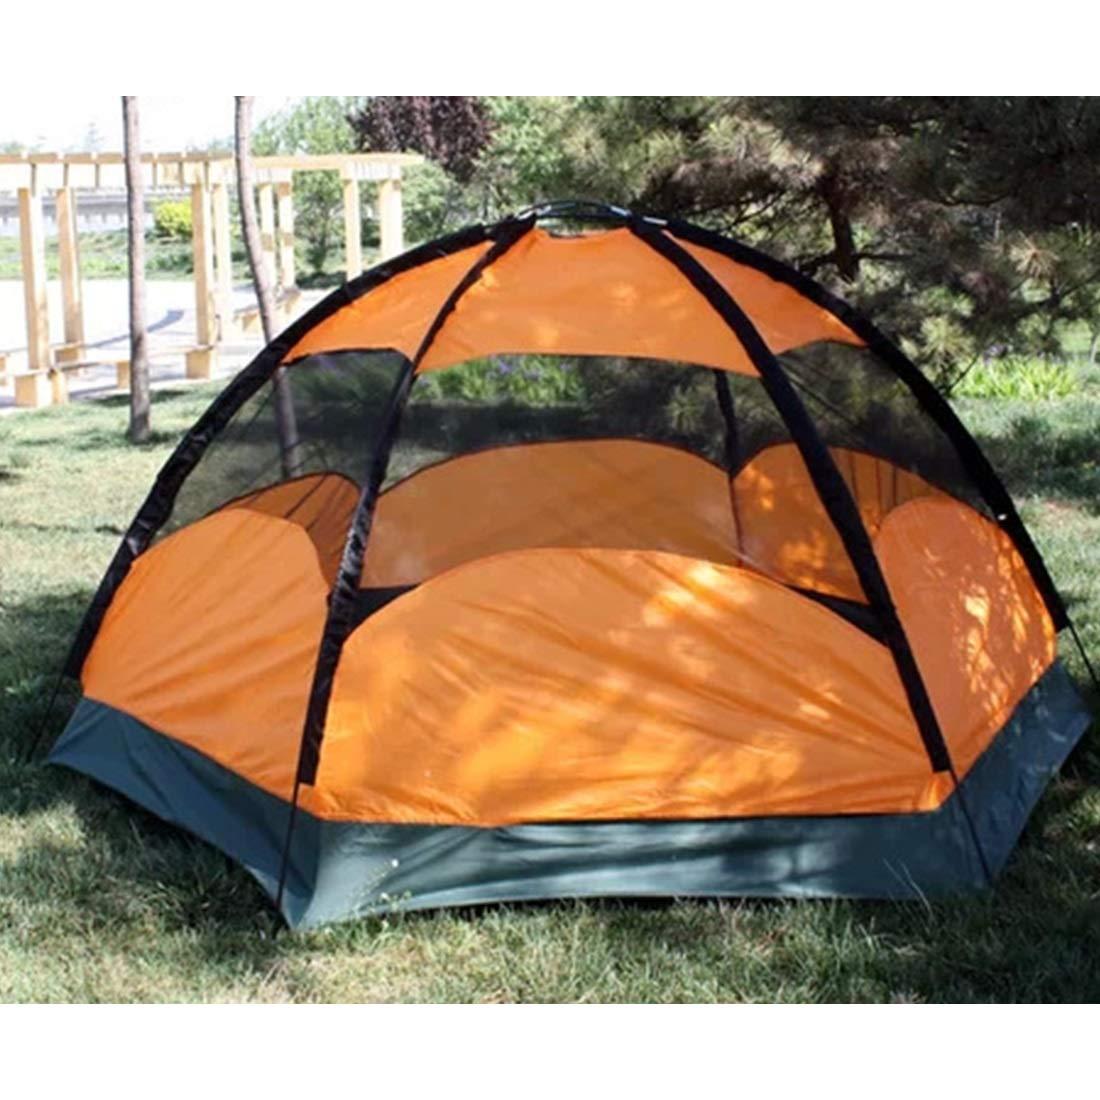 Ploekgda 8 Personen und 5 Personen Outdoor-Zelt  für Wilde Camping (Farbe   Outdoor-Zelt Orange) 15fc0f